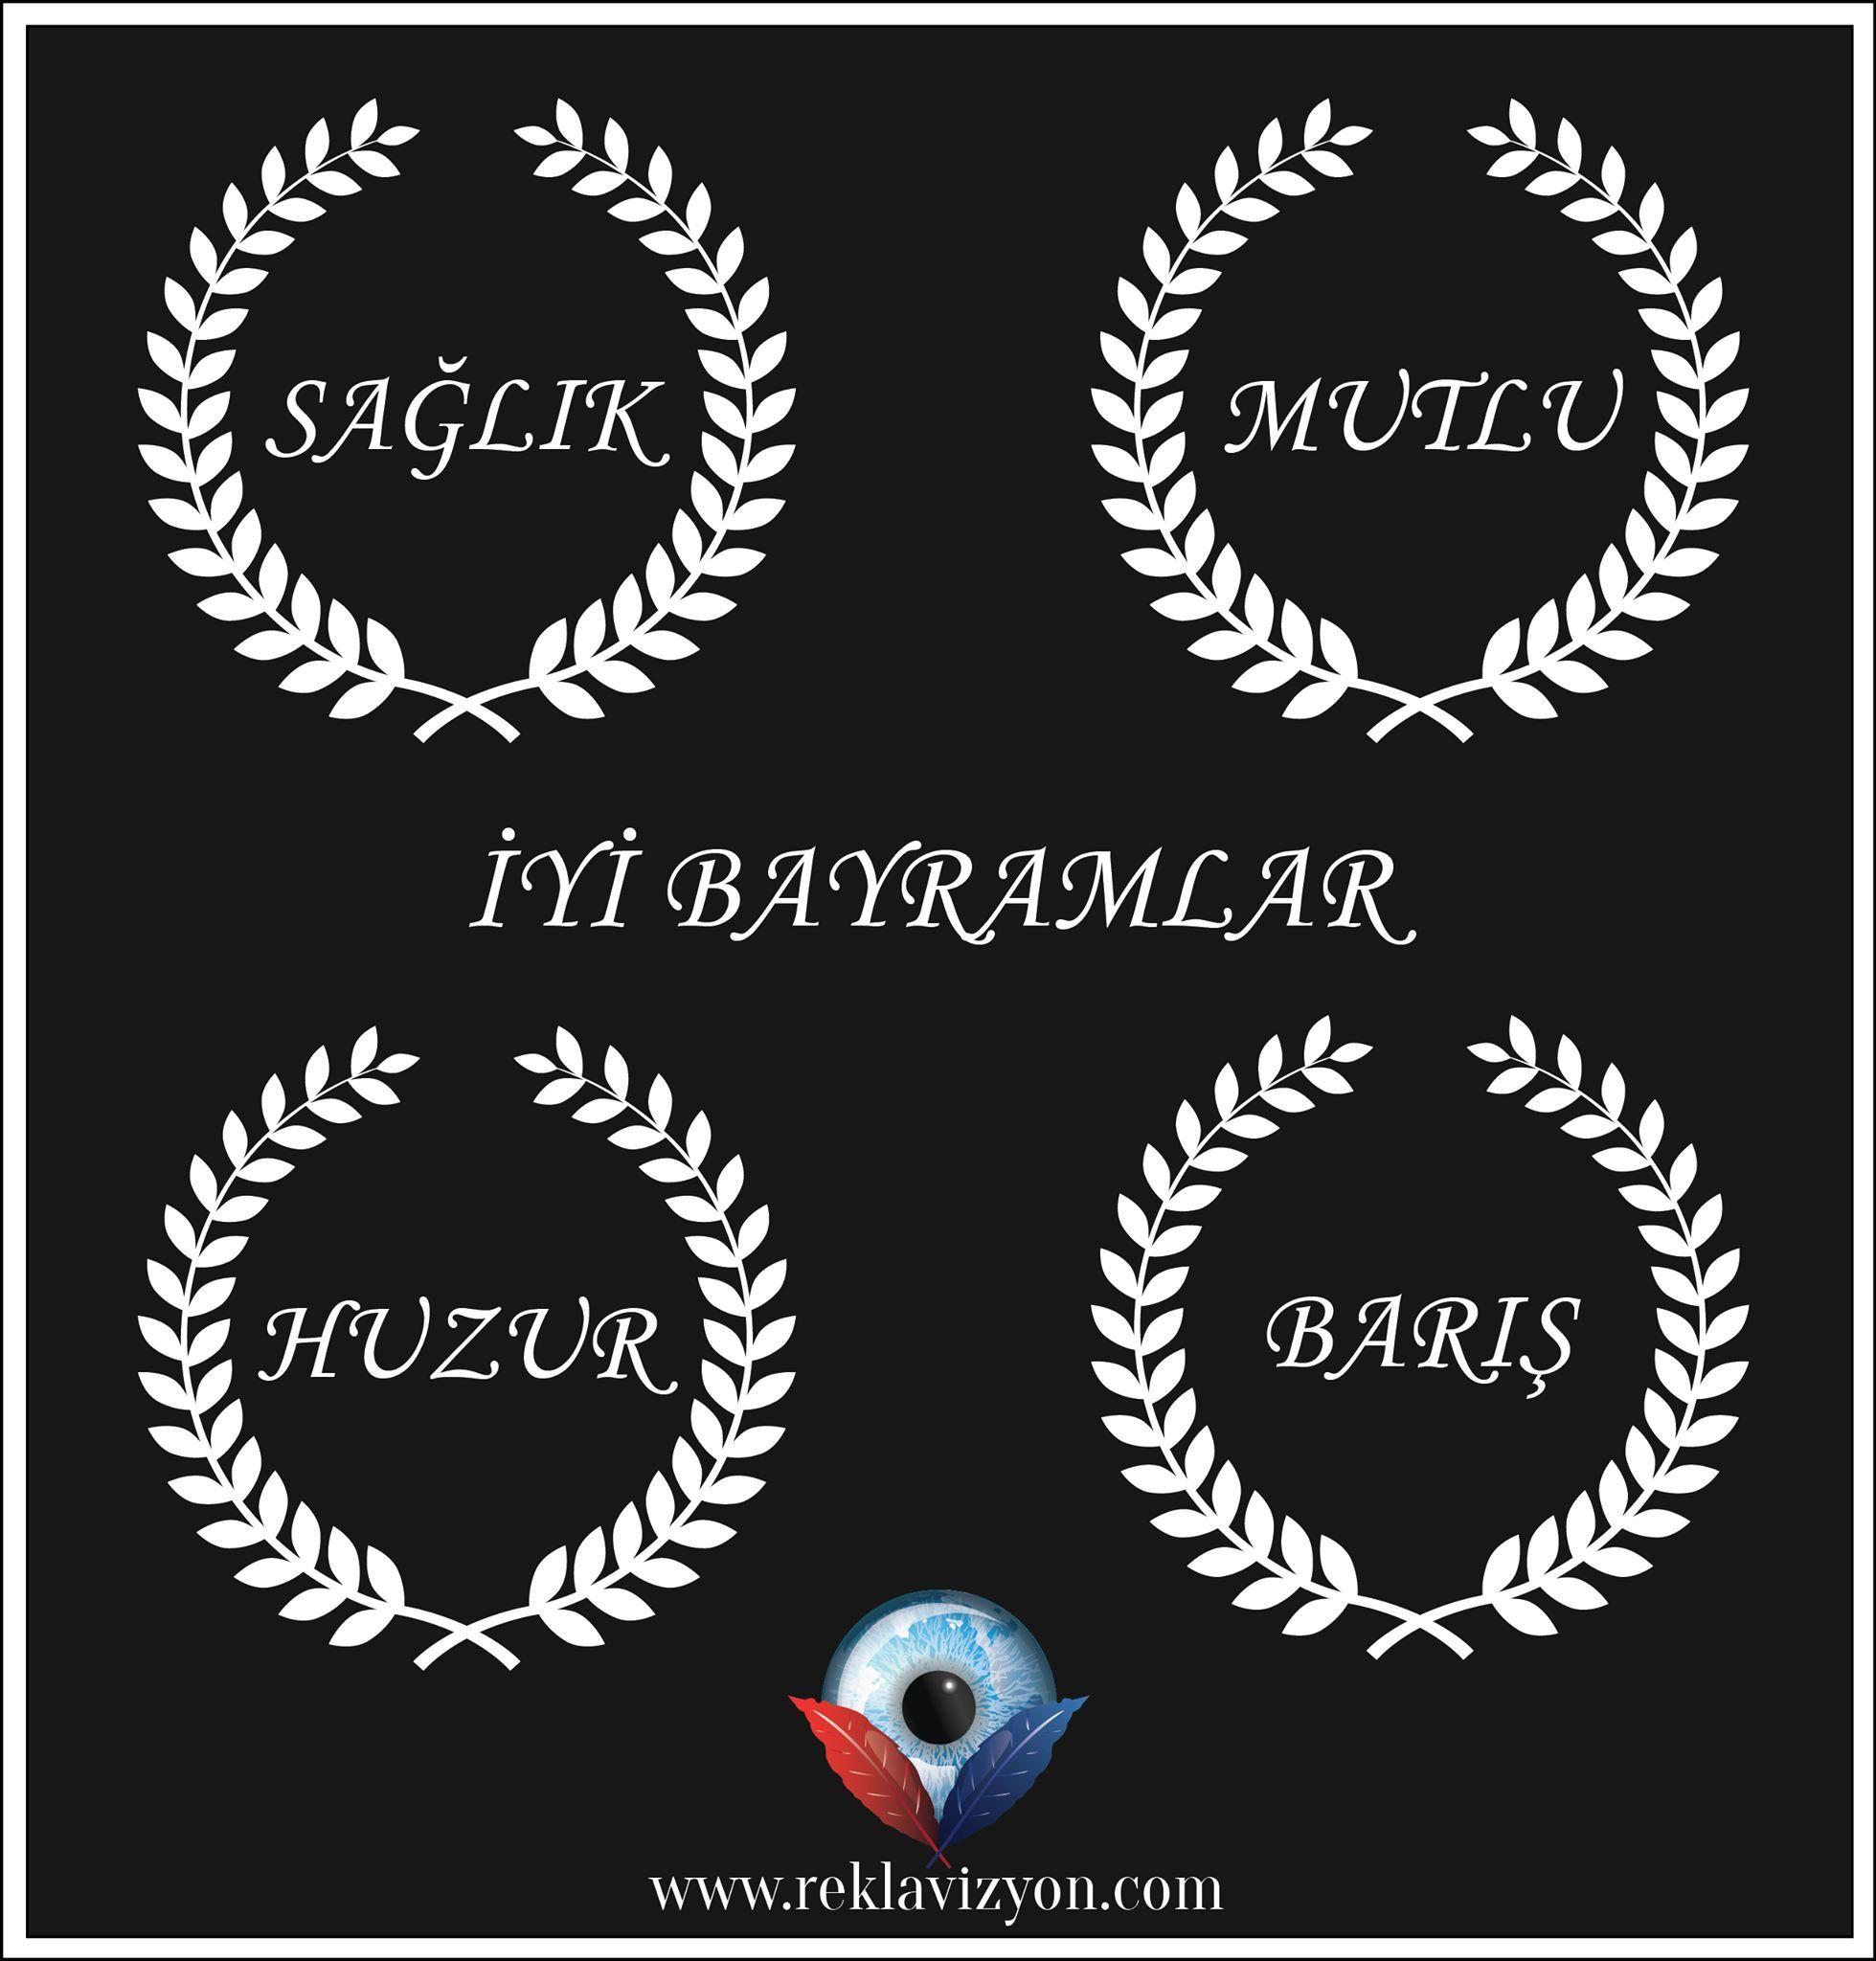 Reklavizyon Reklam www.dijital